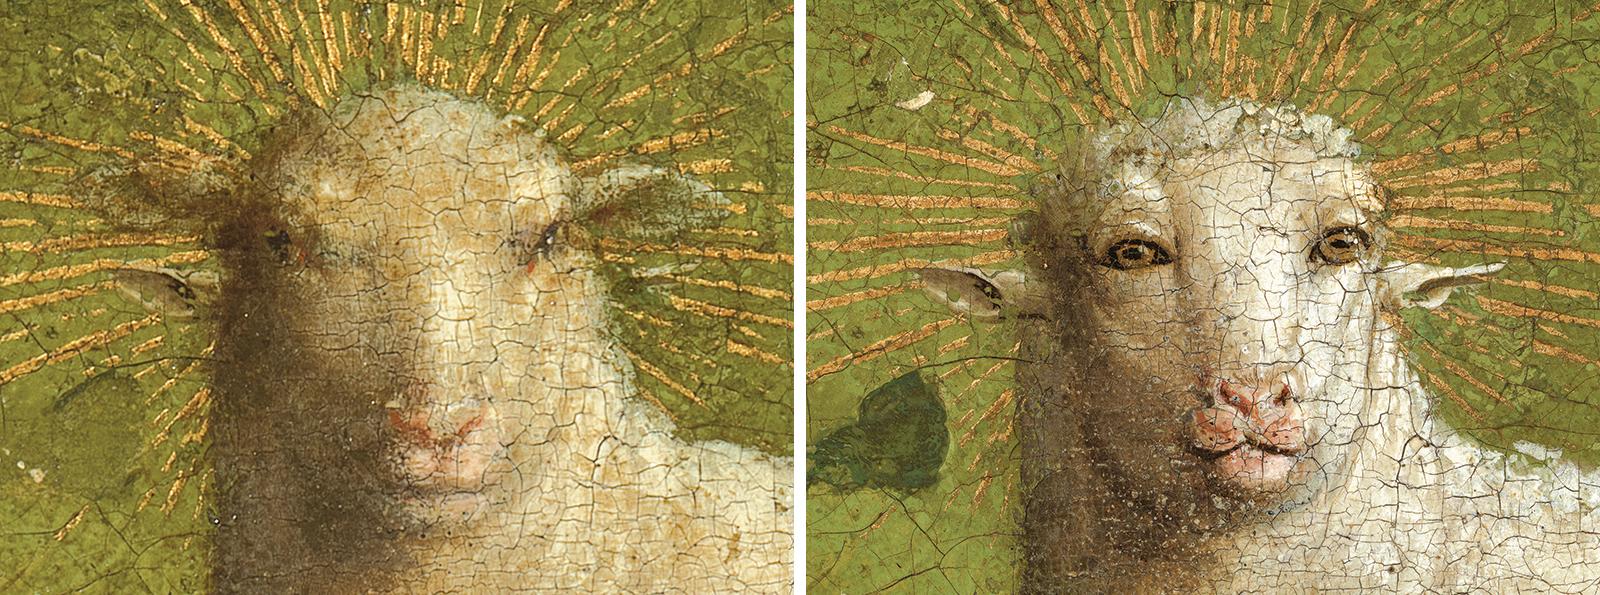 Detail hoofd van het Lam links voor behandeling - rechts na behandeling © Sint-Baafskathedraal Gent  Lukasweb.be-Art in Flanders vzw, foto KIK-IRPA